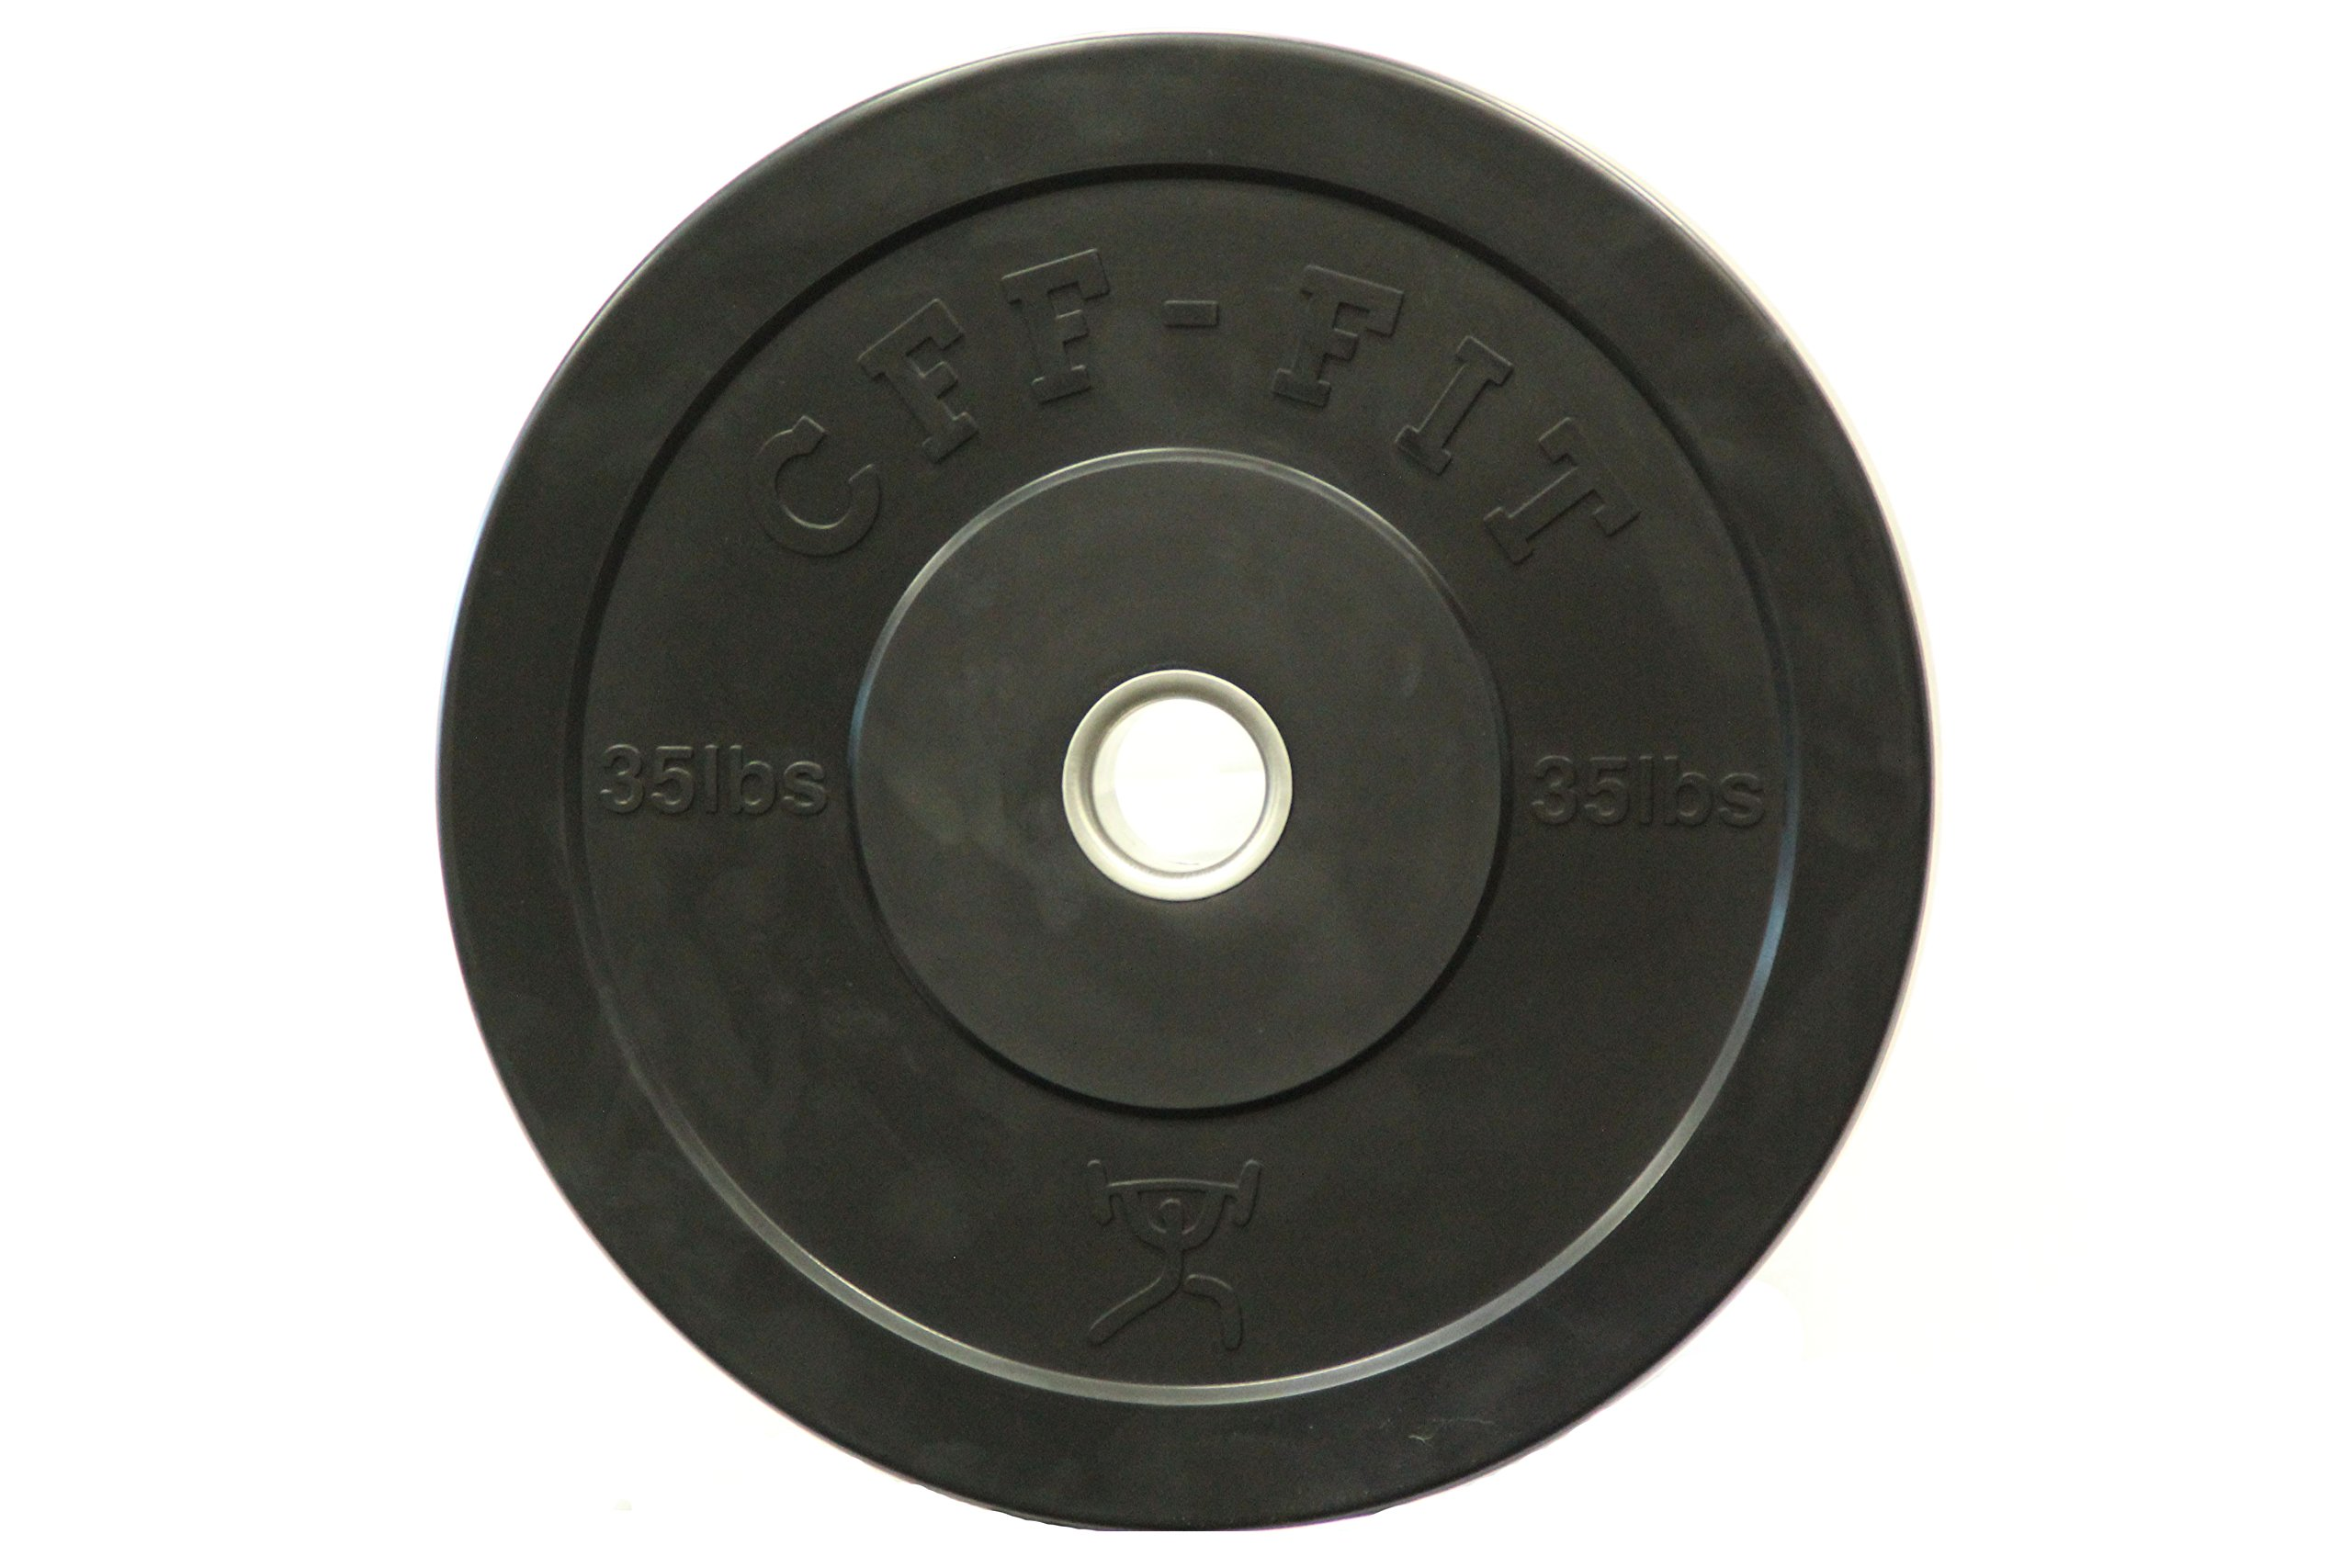 CFF Rubber Bumper Plates, Black, 35 lb